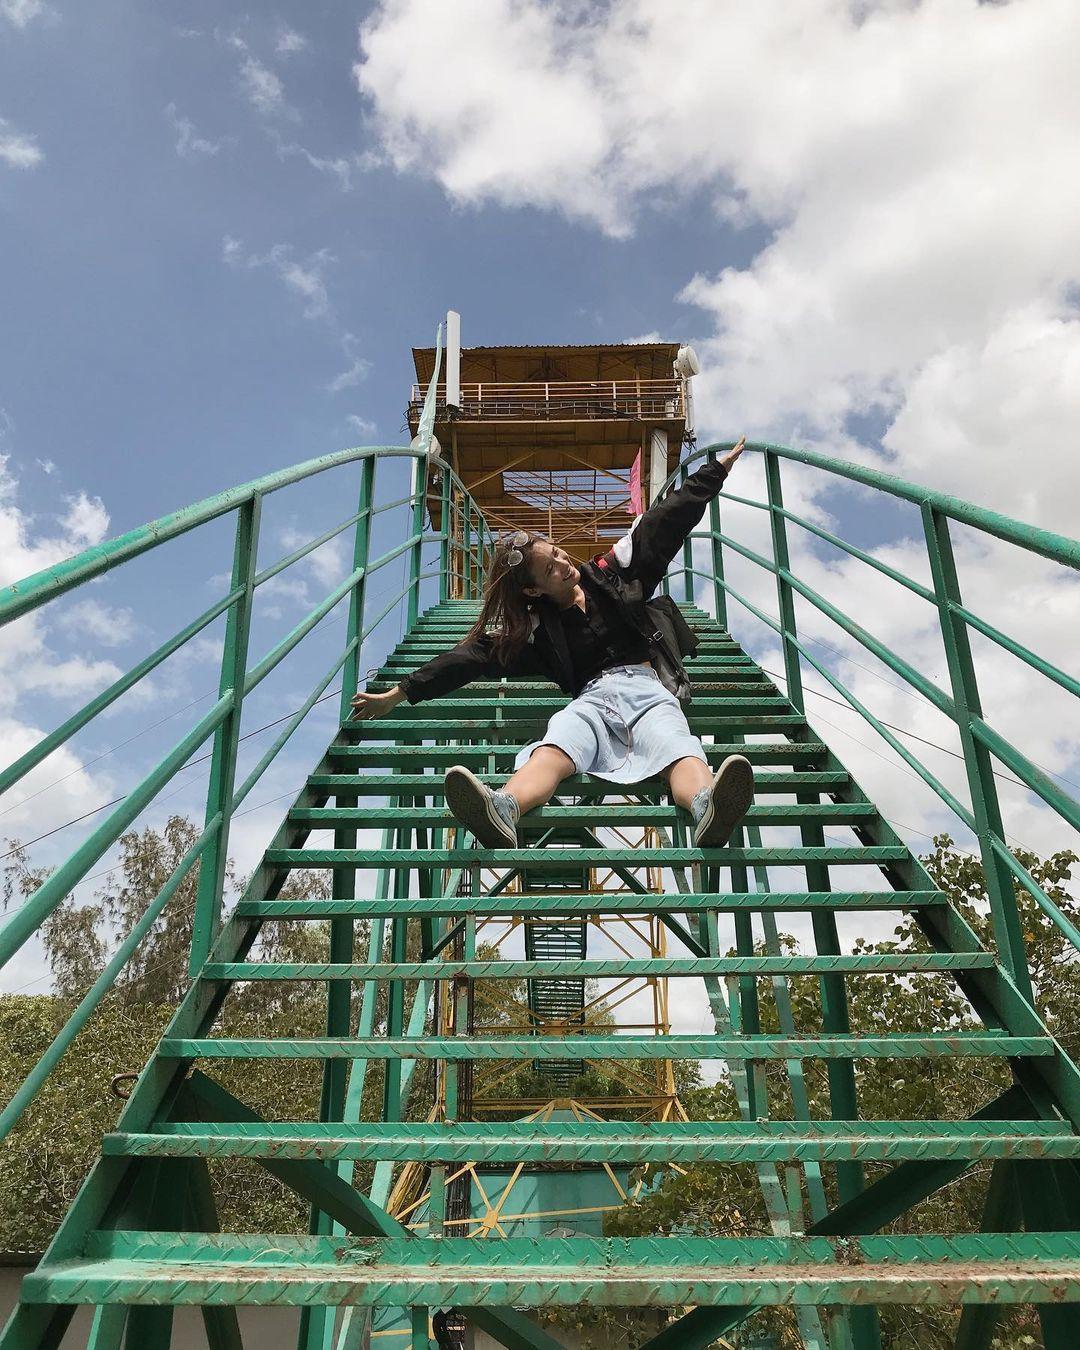 Tháp Tang bồng được xem là điểm trung tâm của Khu du lịch sinh thái Vàm Sát, tháp cấu tạo bằng thép cao 26 m có hình dạng cánh cung hướng lên trời. Tháp có 4 tầng quan sát, du khách đi lên đỉnh tháp qua 2 cung cầu thang hơn 130 bậc. Từ đây, bạn có thể thấy toàn cảnh rừng đước ngập mặn từ trên cao. Ảnh: @blue.iroiro/Instagram